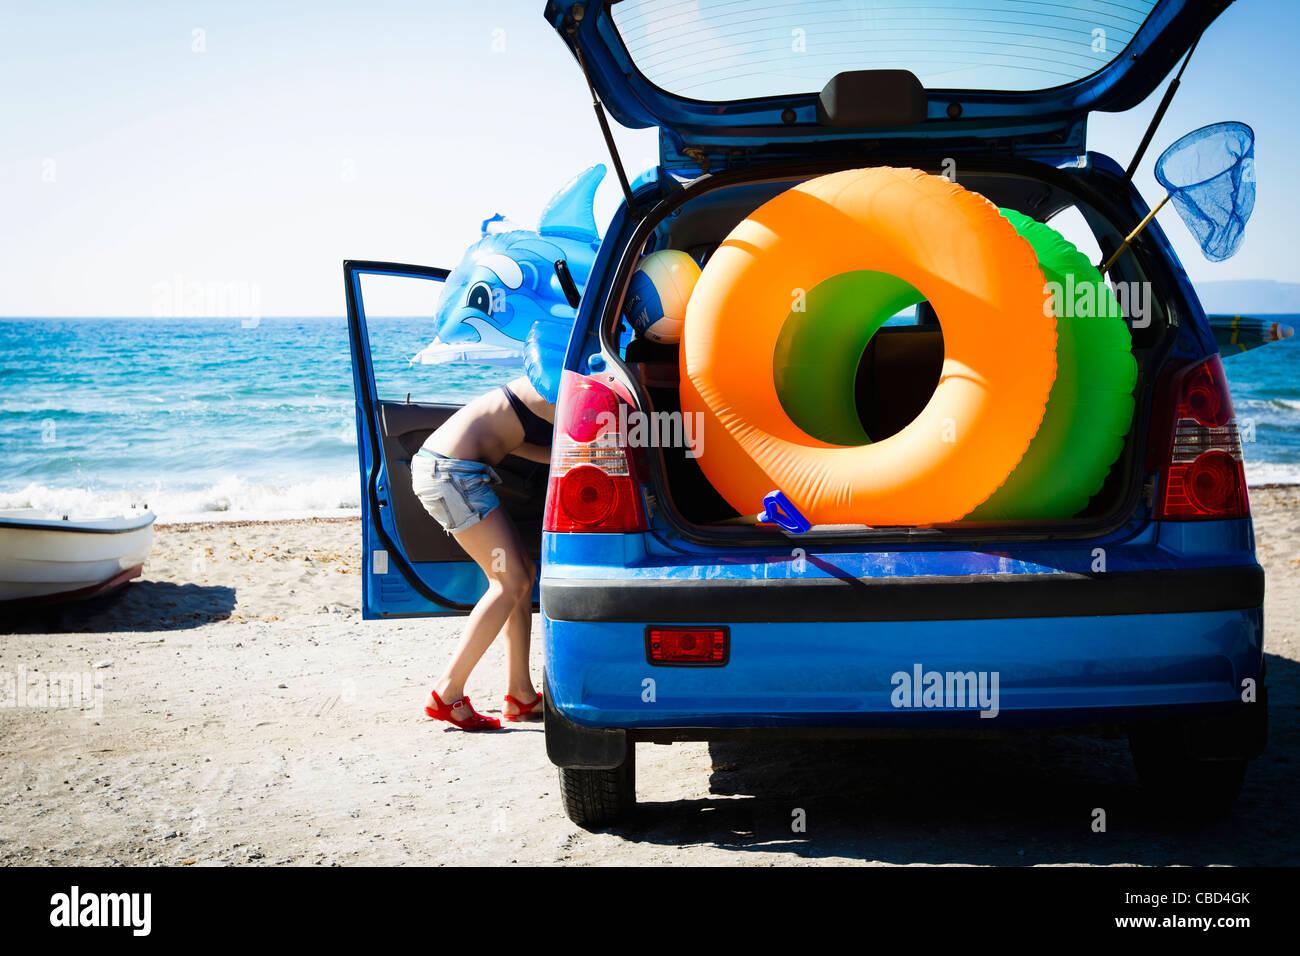 La donna lo scarico di giocattoli da spiaggia da auto Immagini Stock